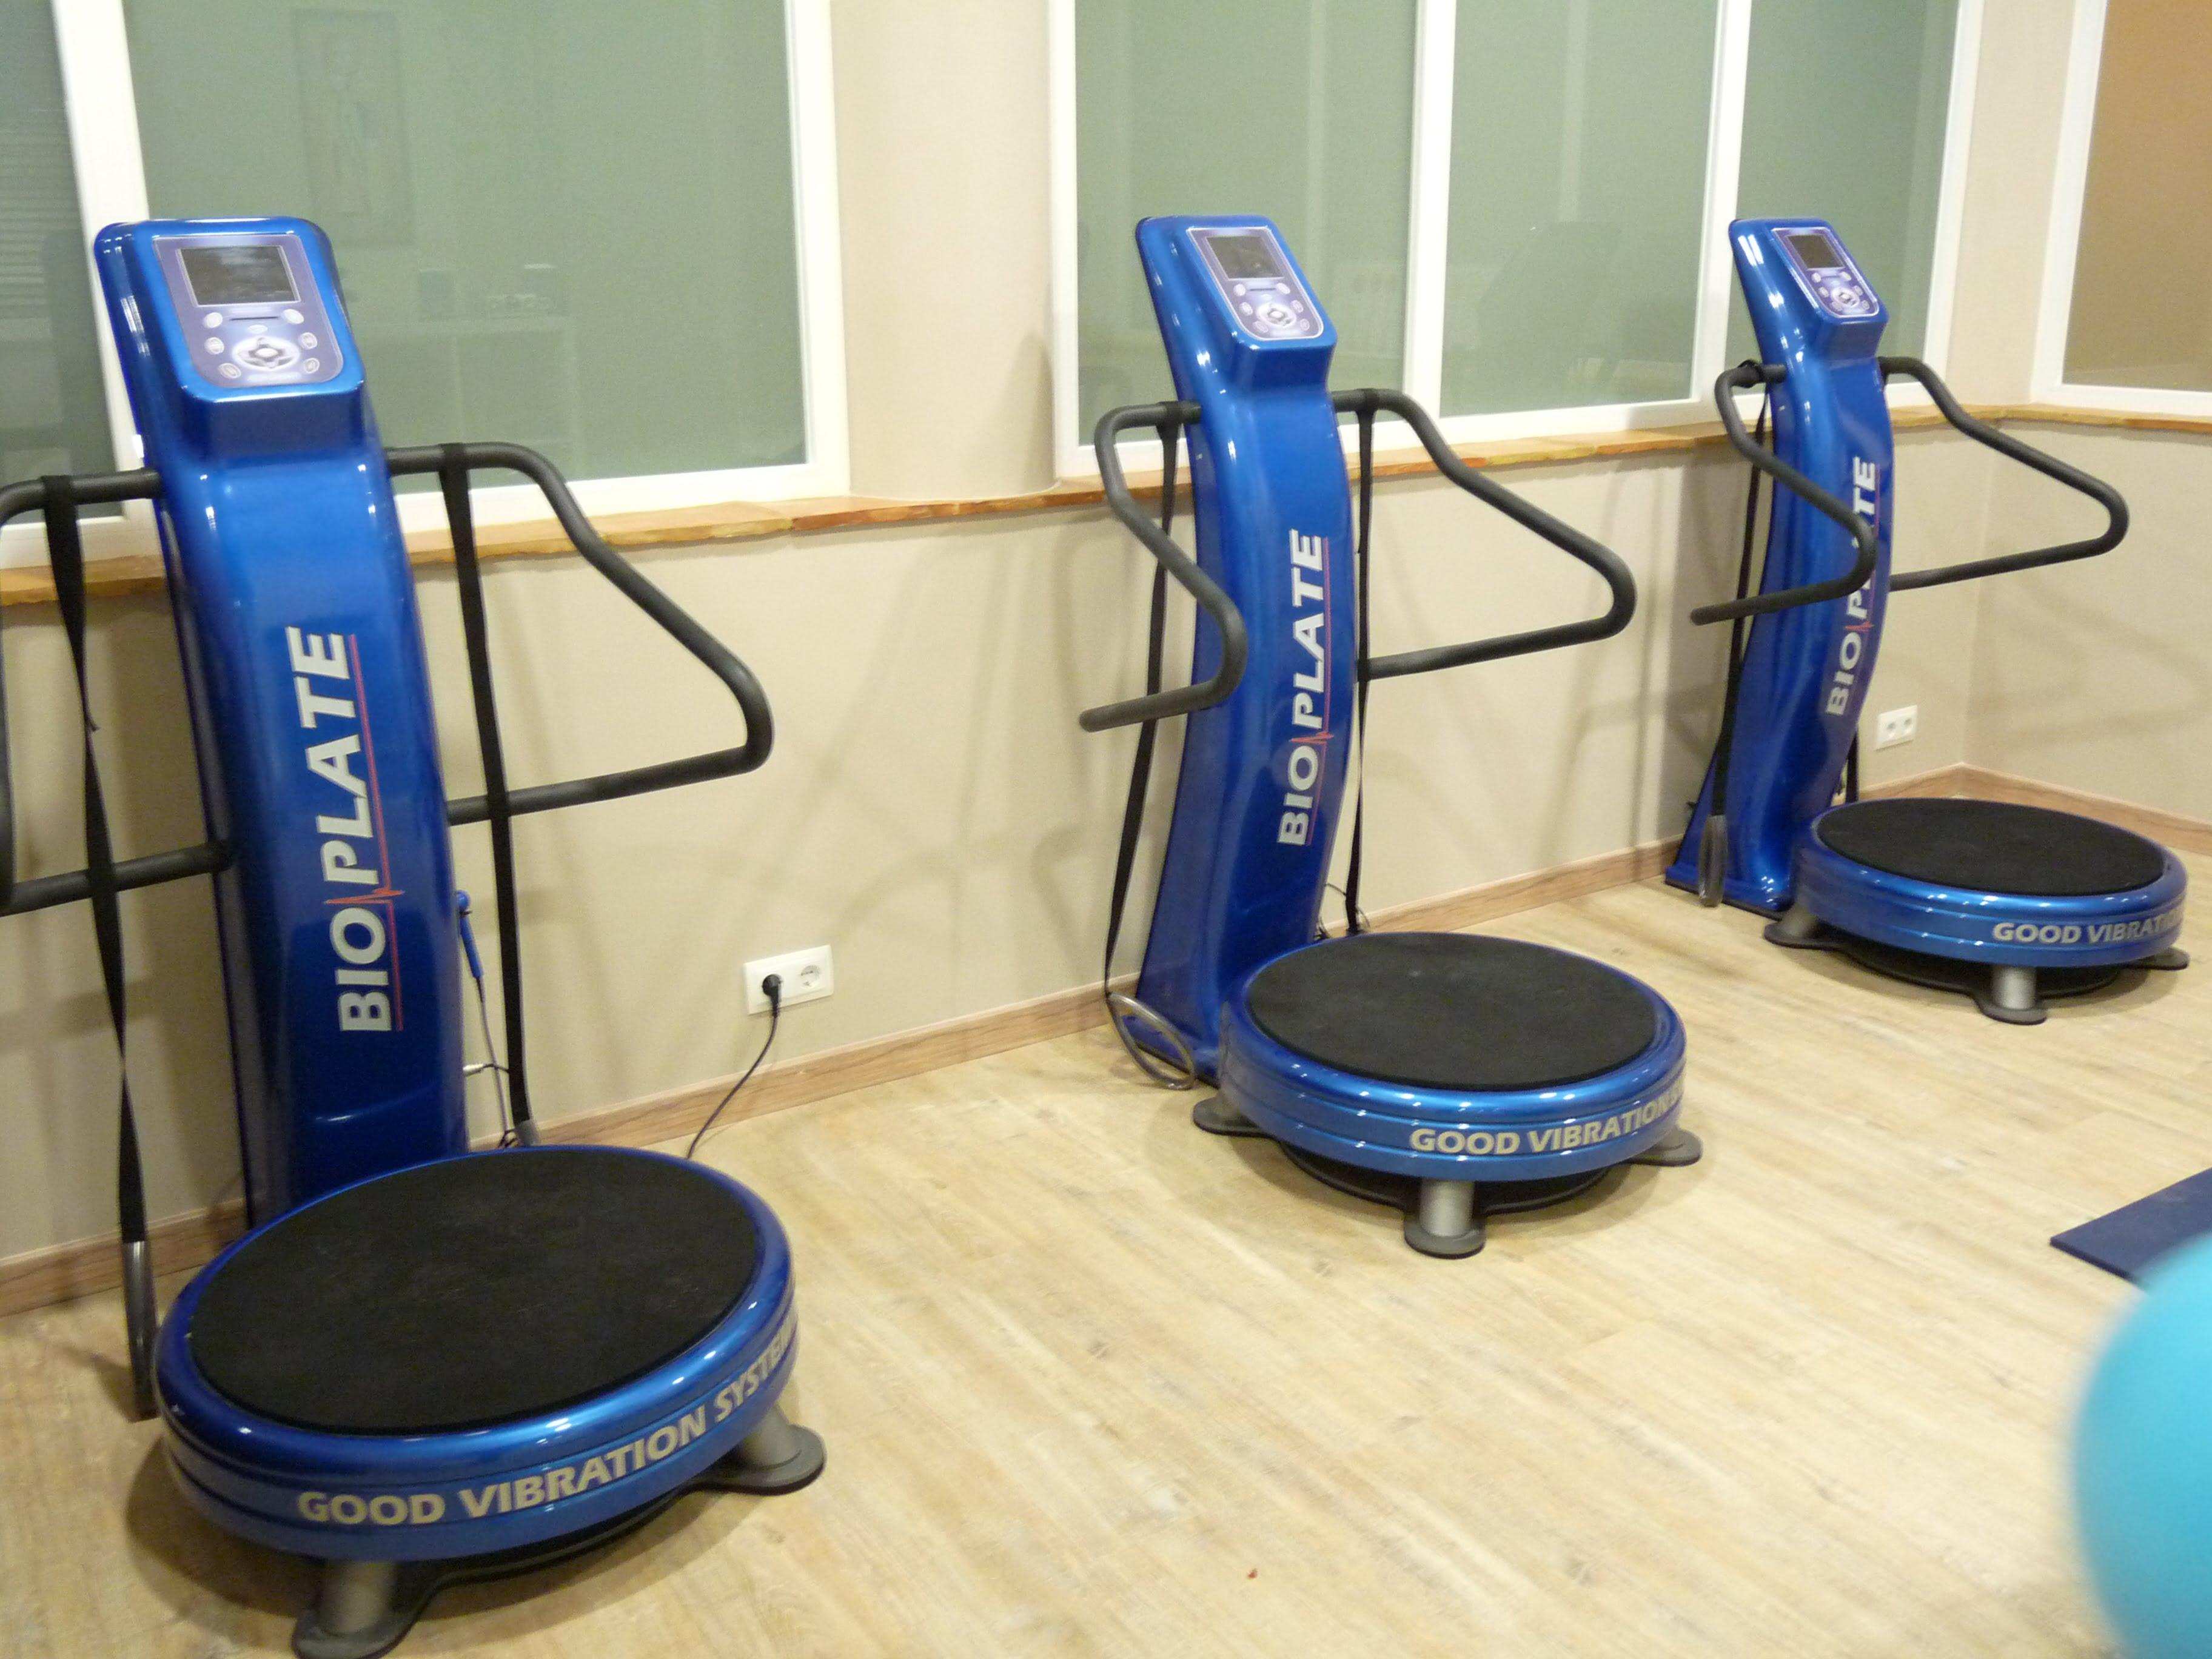 Jávea Cume centro policlínica com atividades para cuidados físicos, como sala de Bio plataformas de placa vibratória